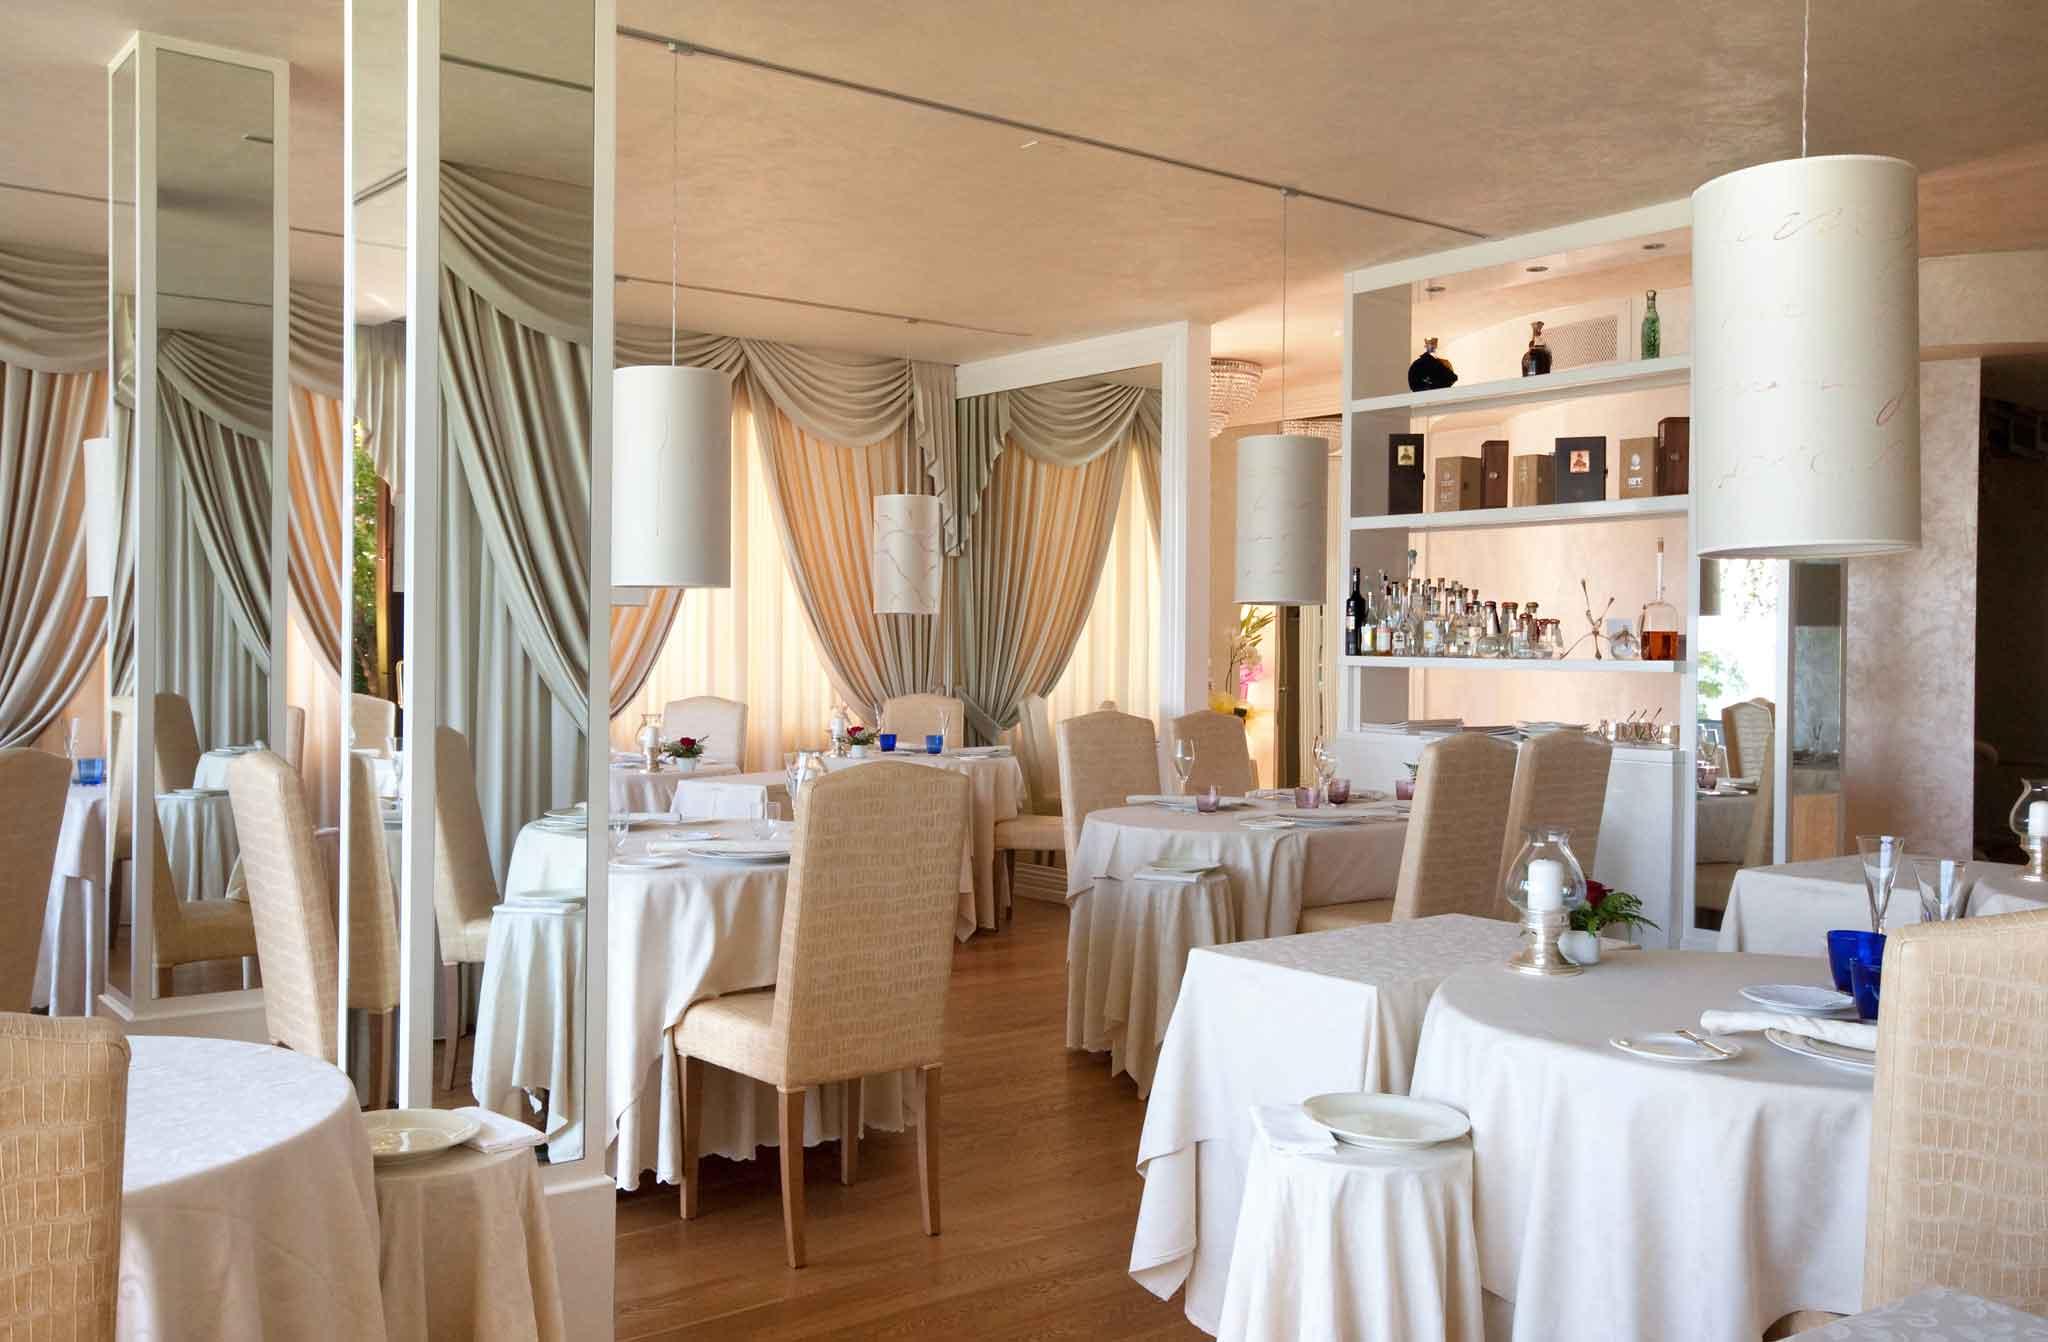 3-migliore-ristorante-di-lusso-tripadvisor-esplanade